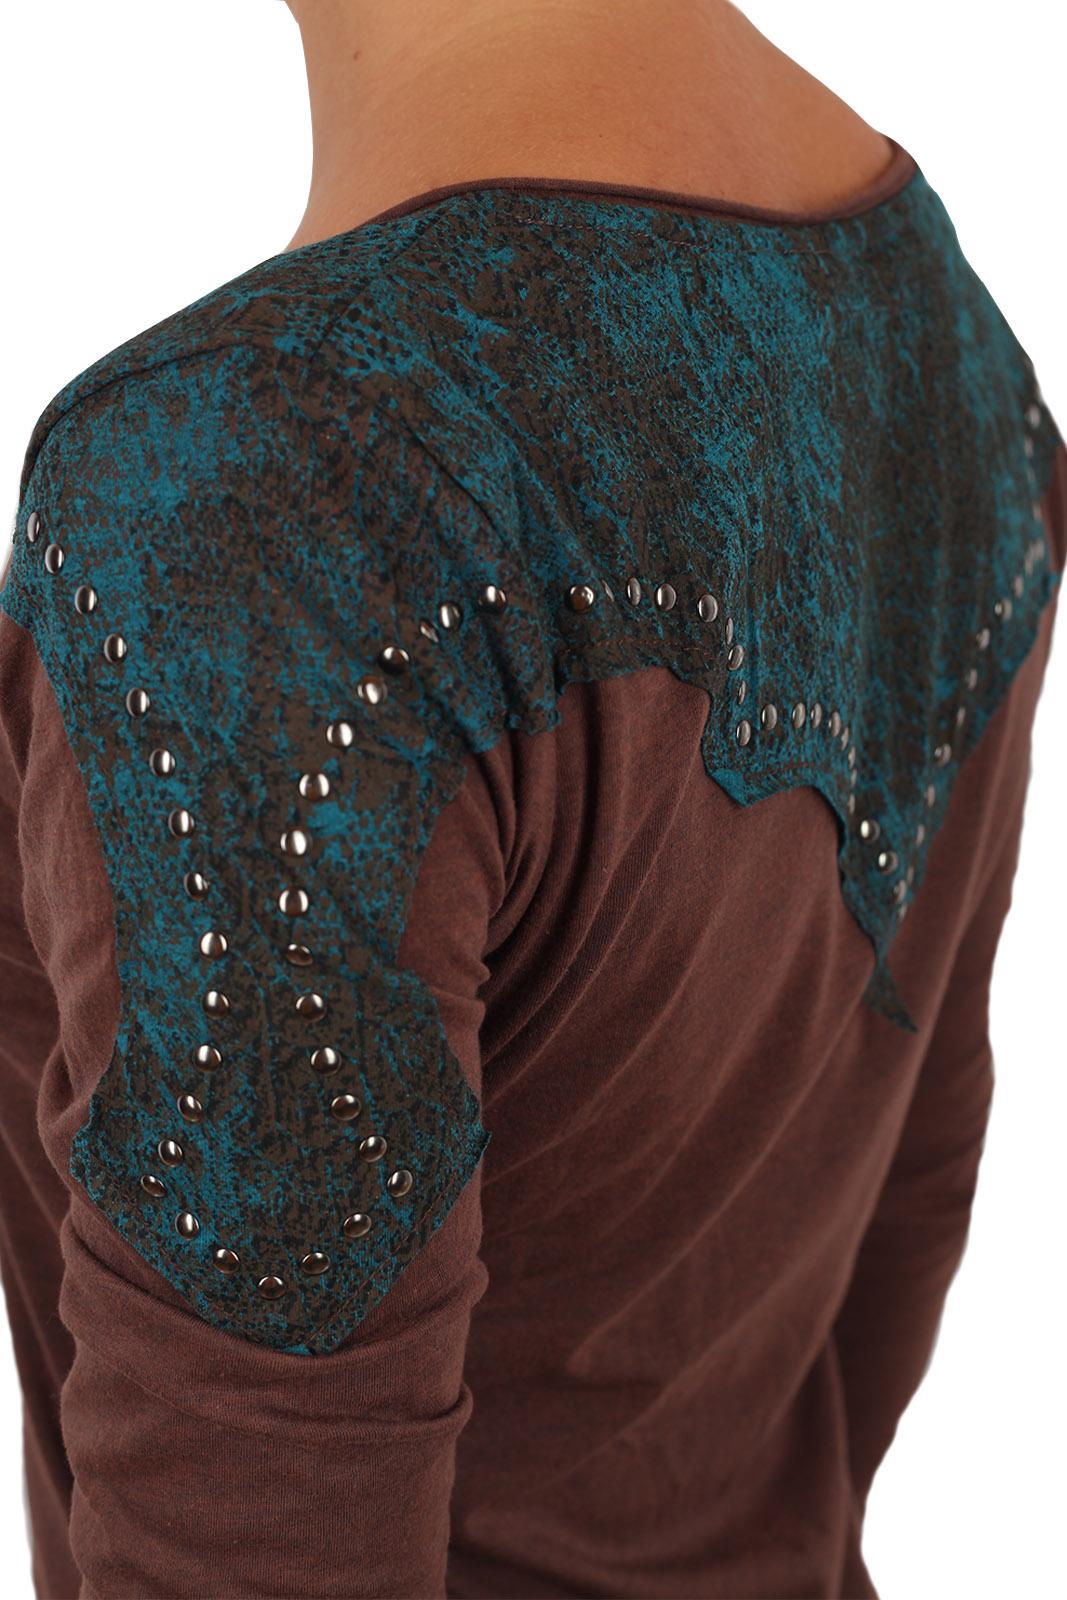 Крутой женский реглан Panhandle Slim. Выигрышный приталенный фасон и авангардный декор плеч. Женственно-бунтарская модель